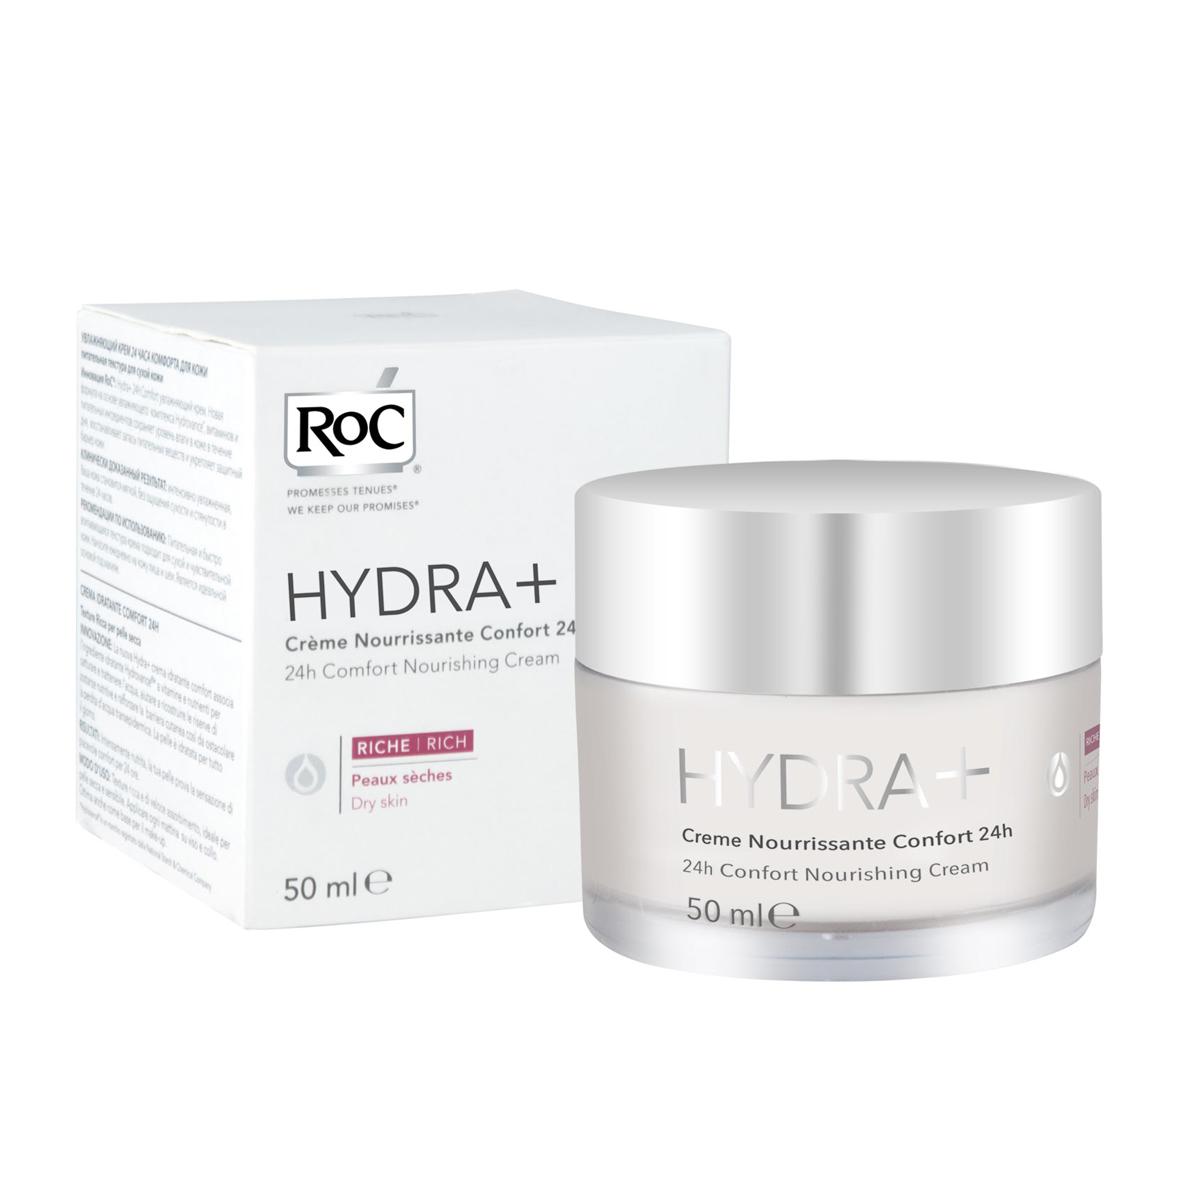 RoC Hydra+ 24h Comfort Rich hranljiva krema za suvu kožu